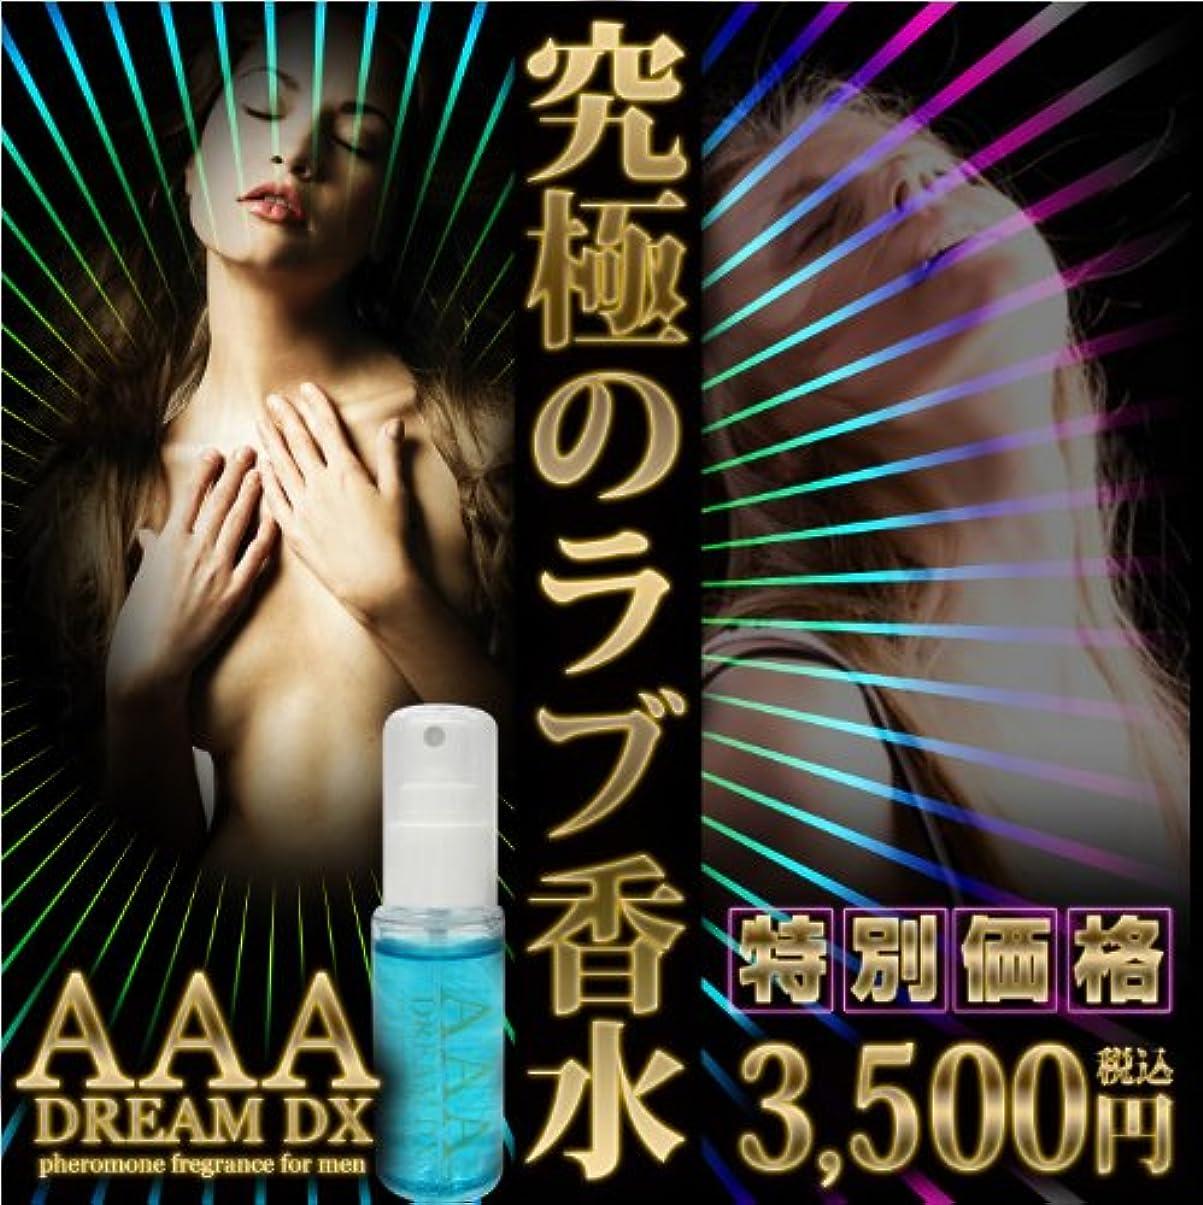 狭いカスケードフラフープAAA DreamDX エーエーエードリームデラックス(消臭成分配合男性用フェロモン香水)